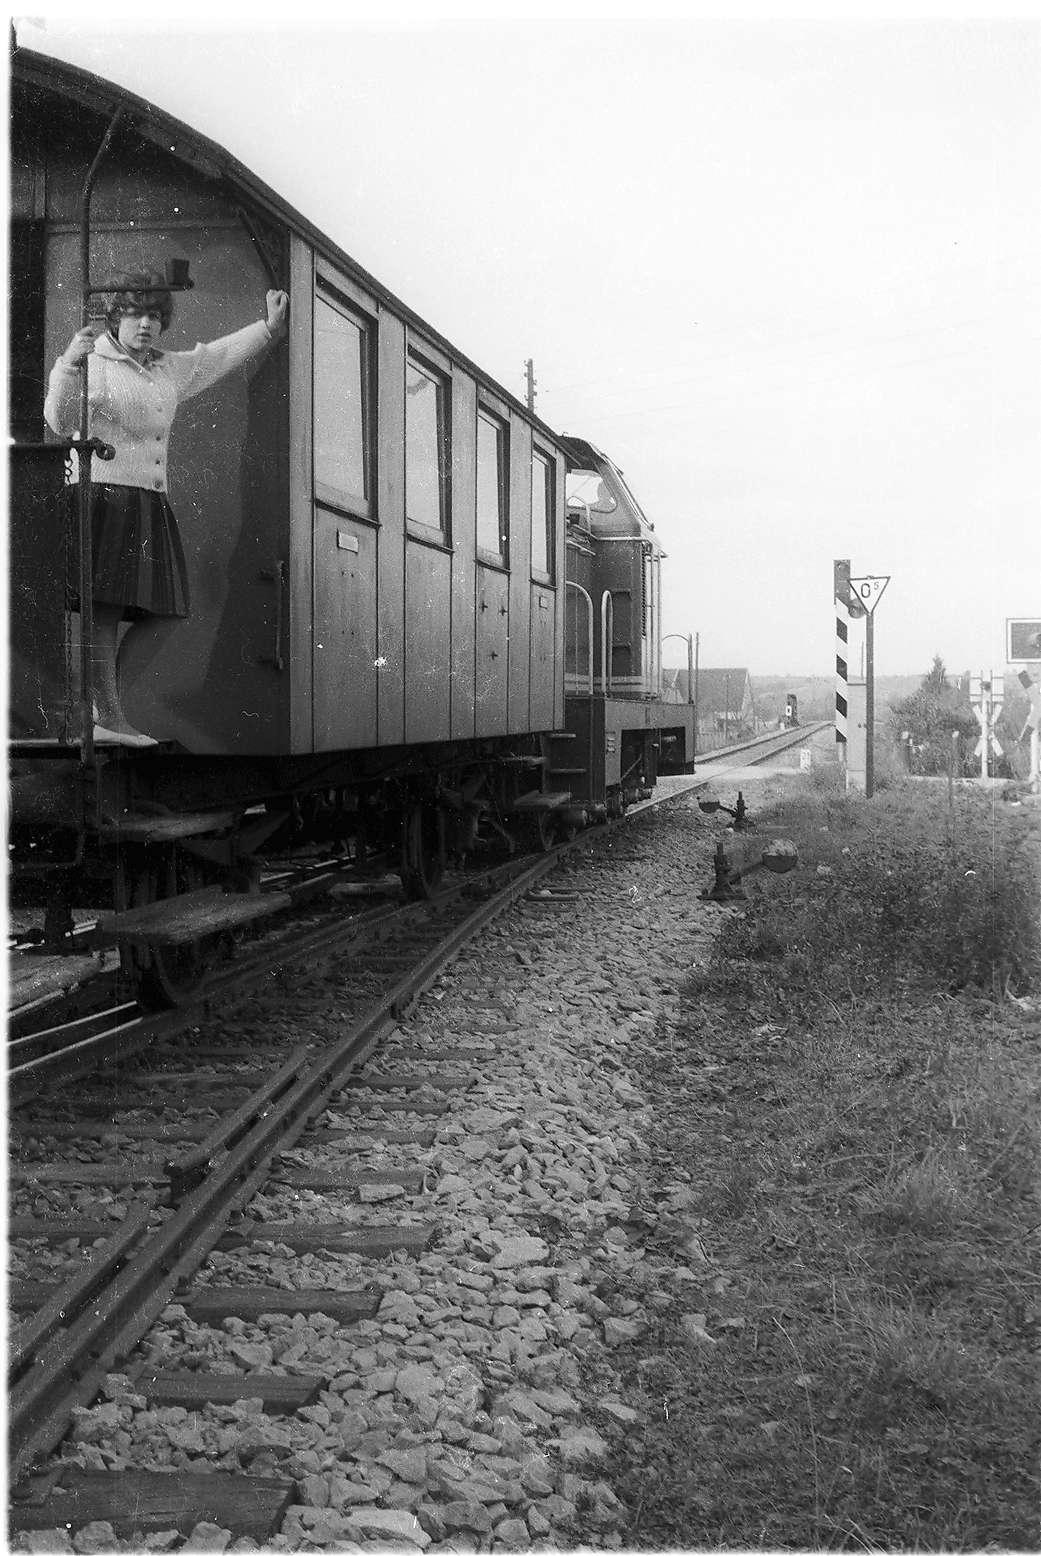 V81 bei Rangendingen, Güterzug mit für den Unterwegsverkehr mitgeführten Personenwagen von 1901, Bild 1